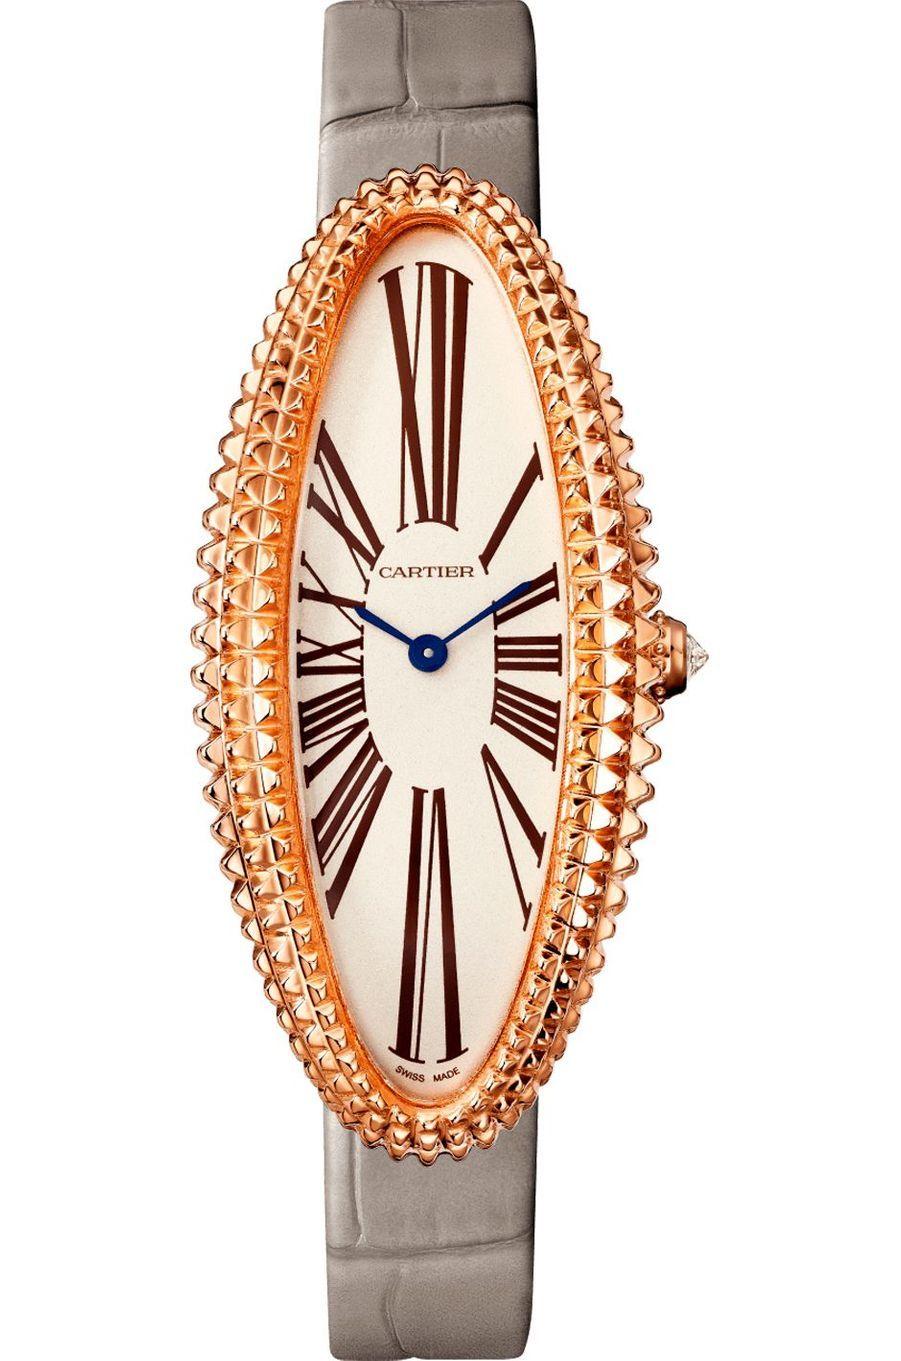 Baignoire allongée en or rose, cadran opalin, mouvement à remontage manuel, bracelet en alligator. Carier. 26 400 €.